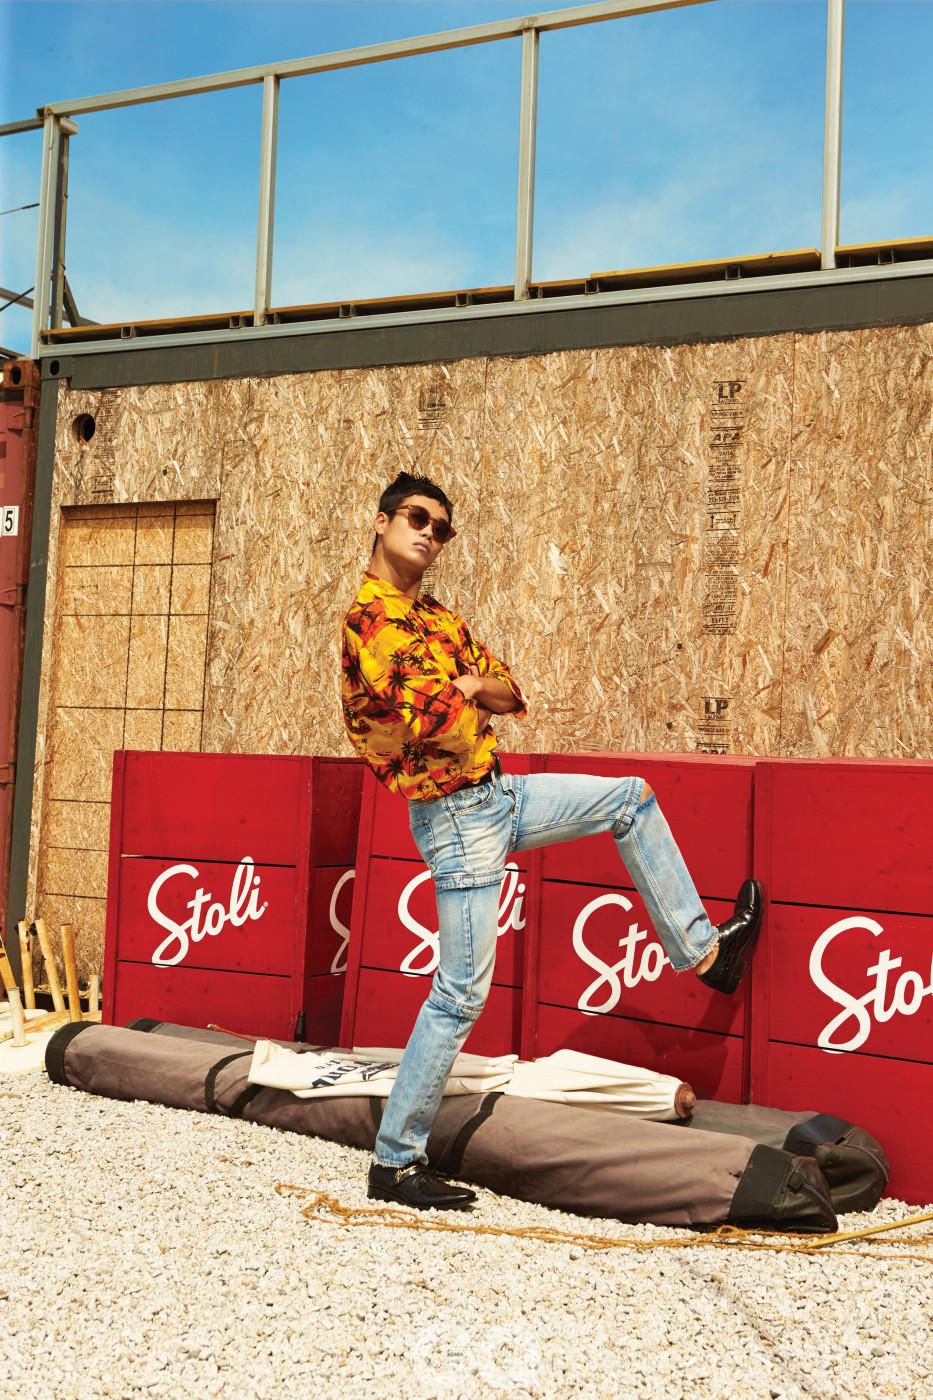 하와이안 셔츠, 데님 팬츠, 벨트, 슈즈 가격 미정, 모두 발렌시아가. 선글라스 40만원대, 올리버 피플스 at 룩소티카.